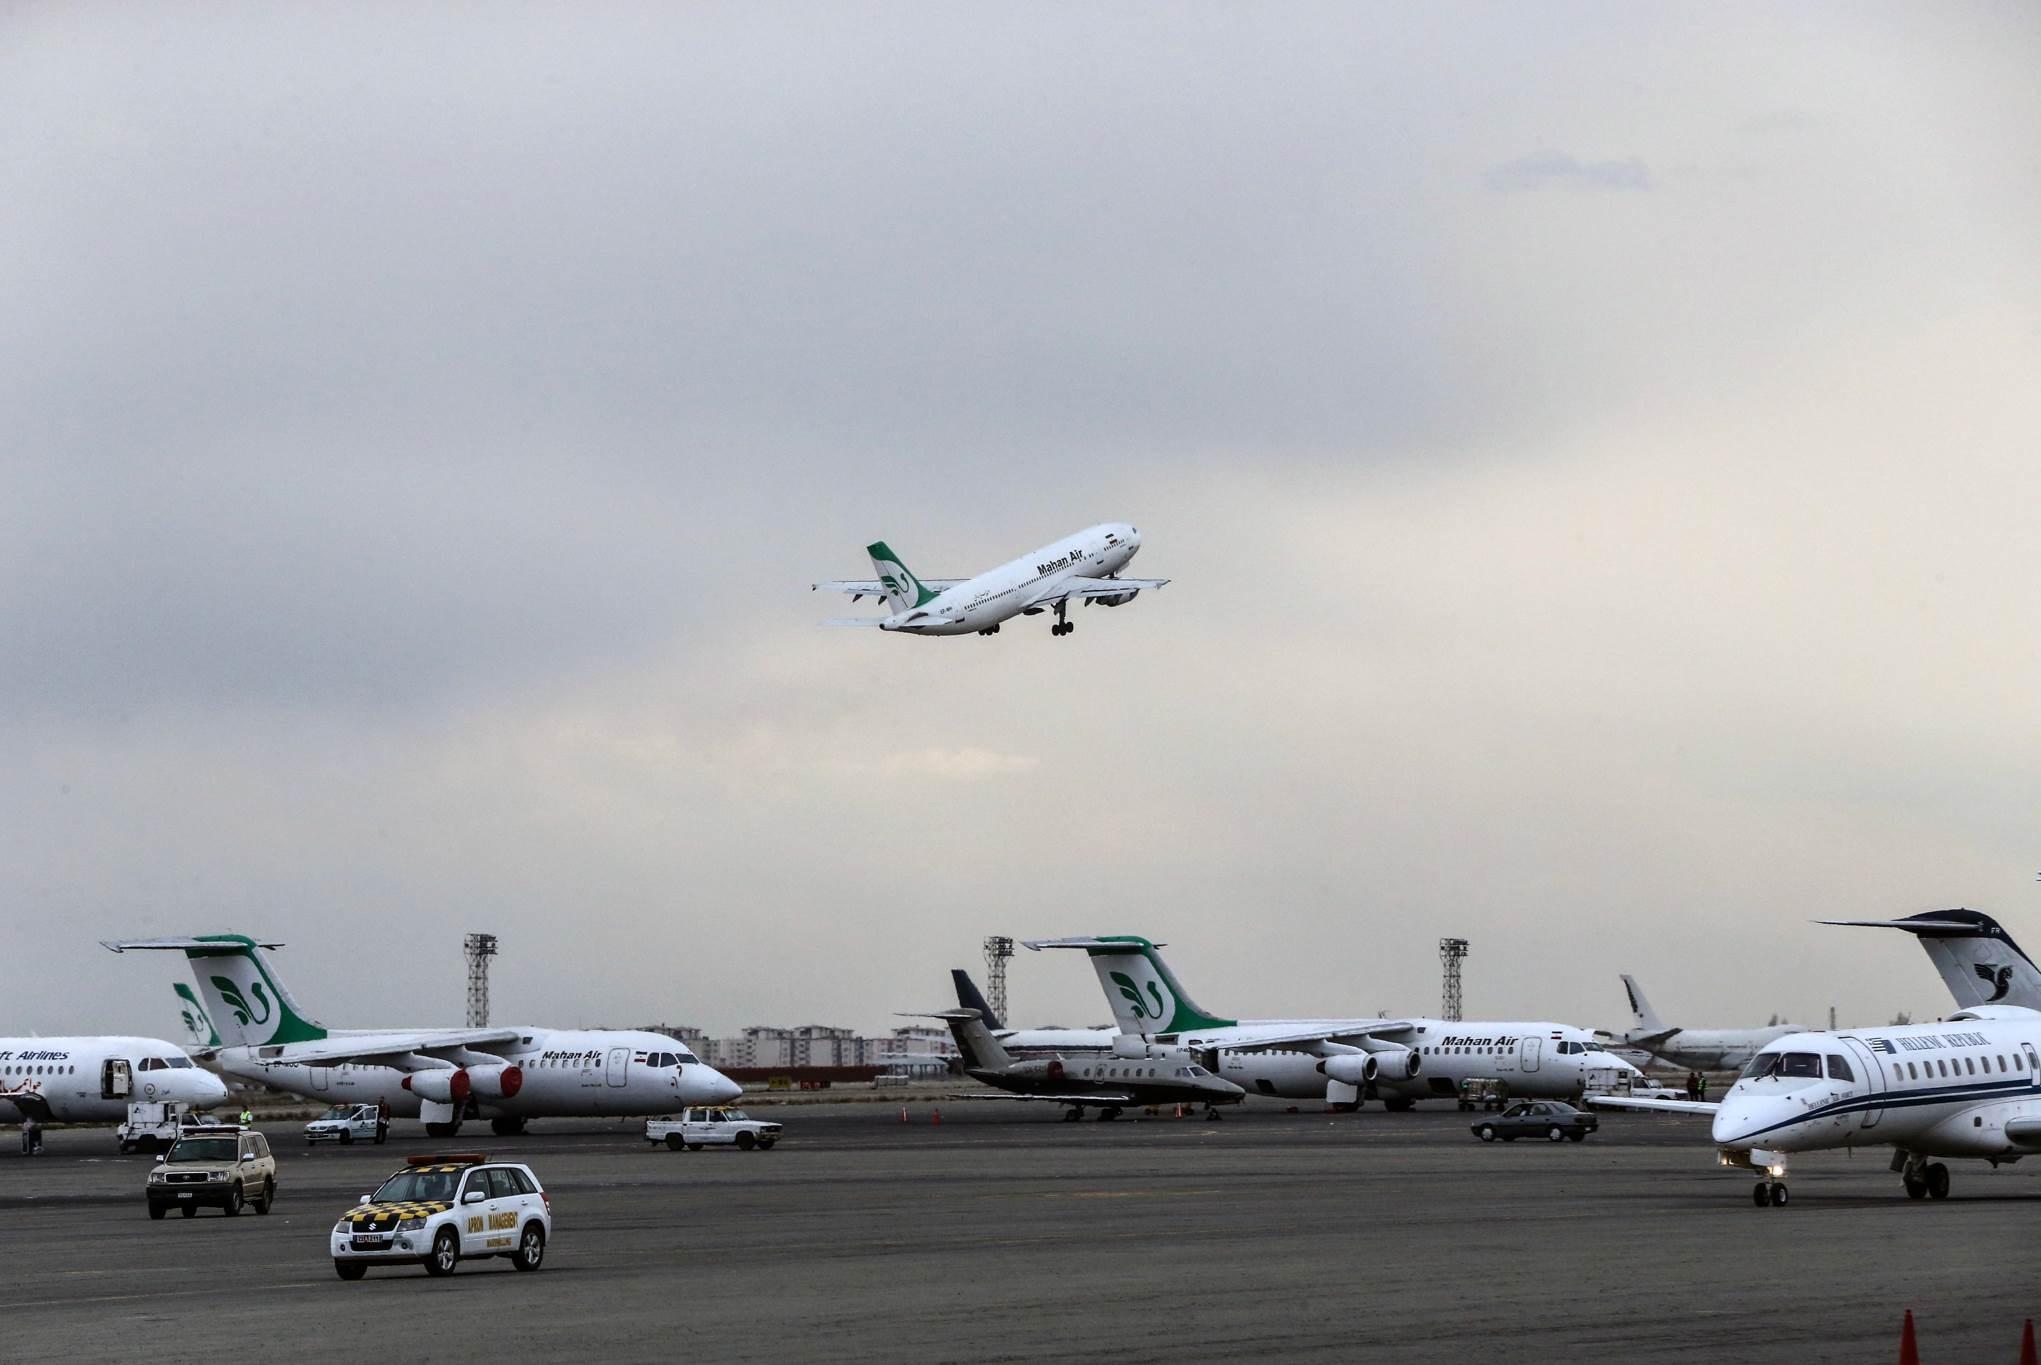 حماس والجهاد الإسلامي تدينان  الاعتداء الأميركي على الطائرة الإيرانية